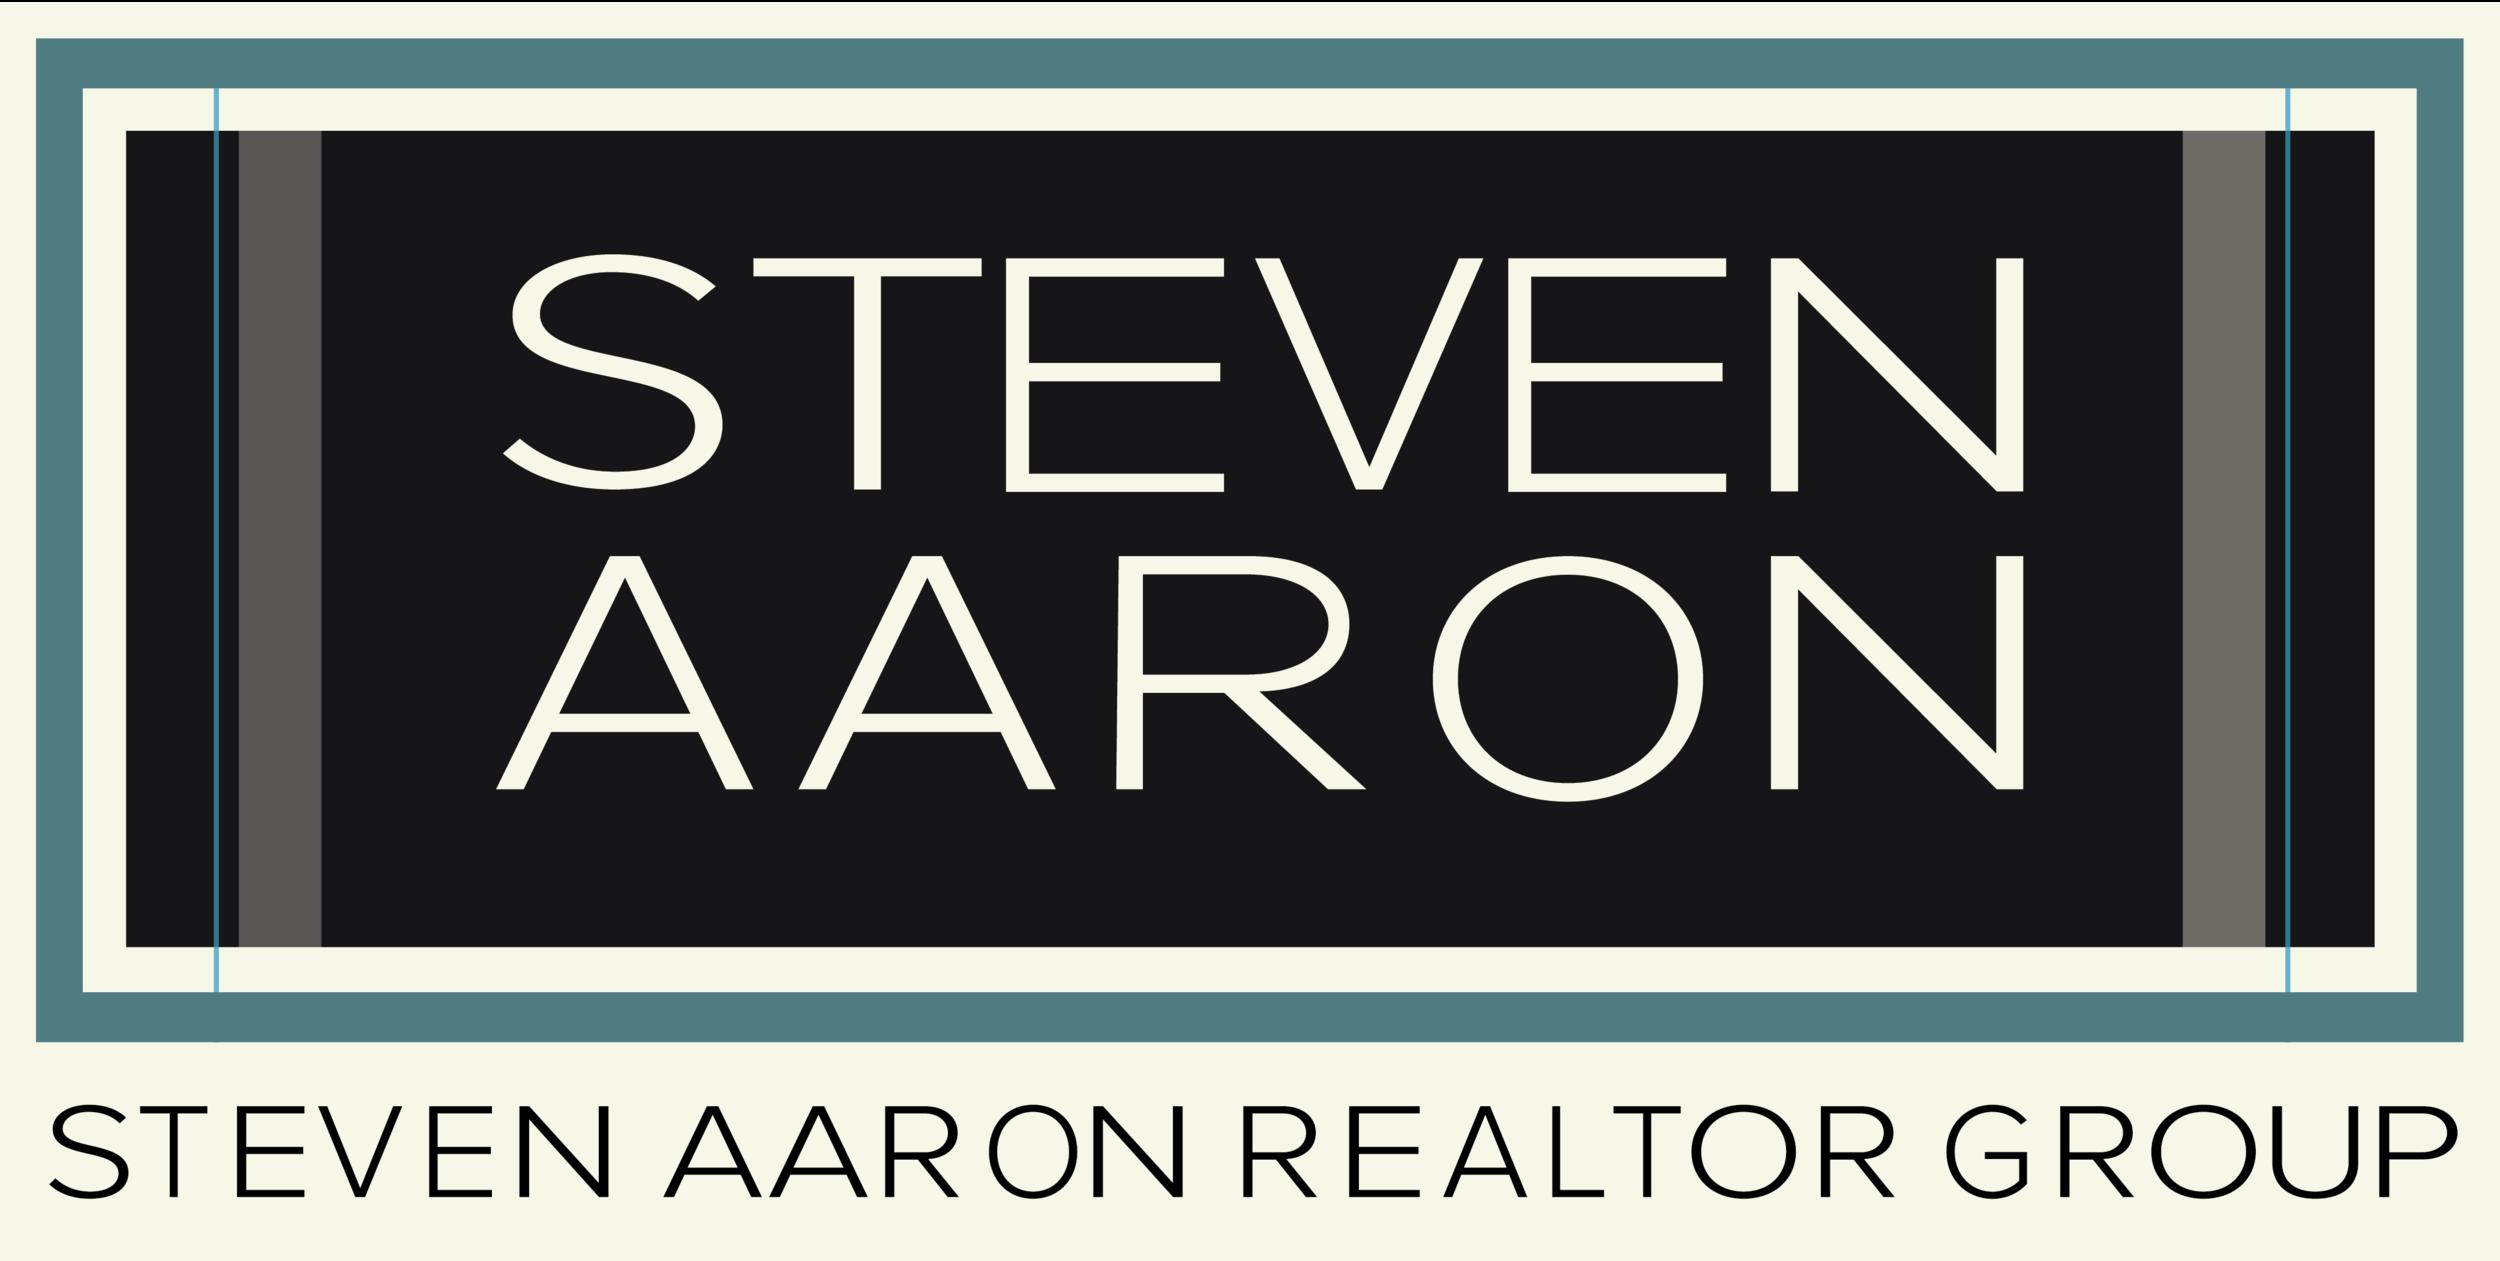 Steven Aaron